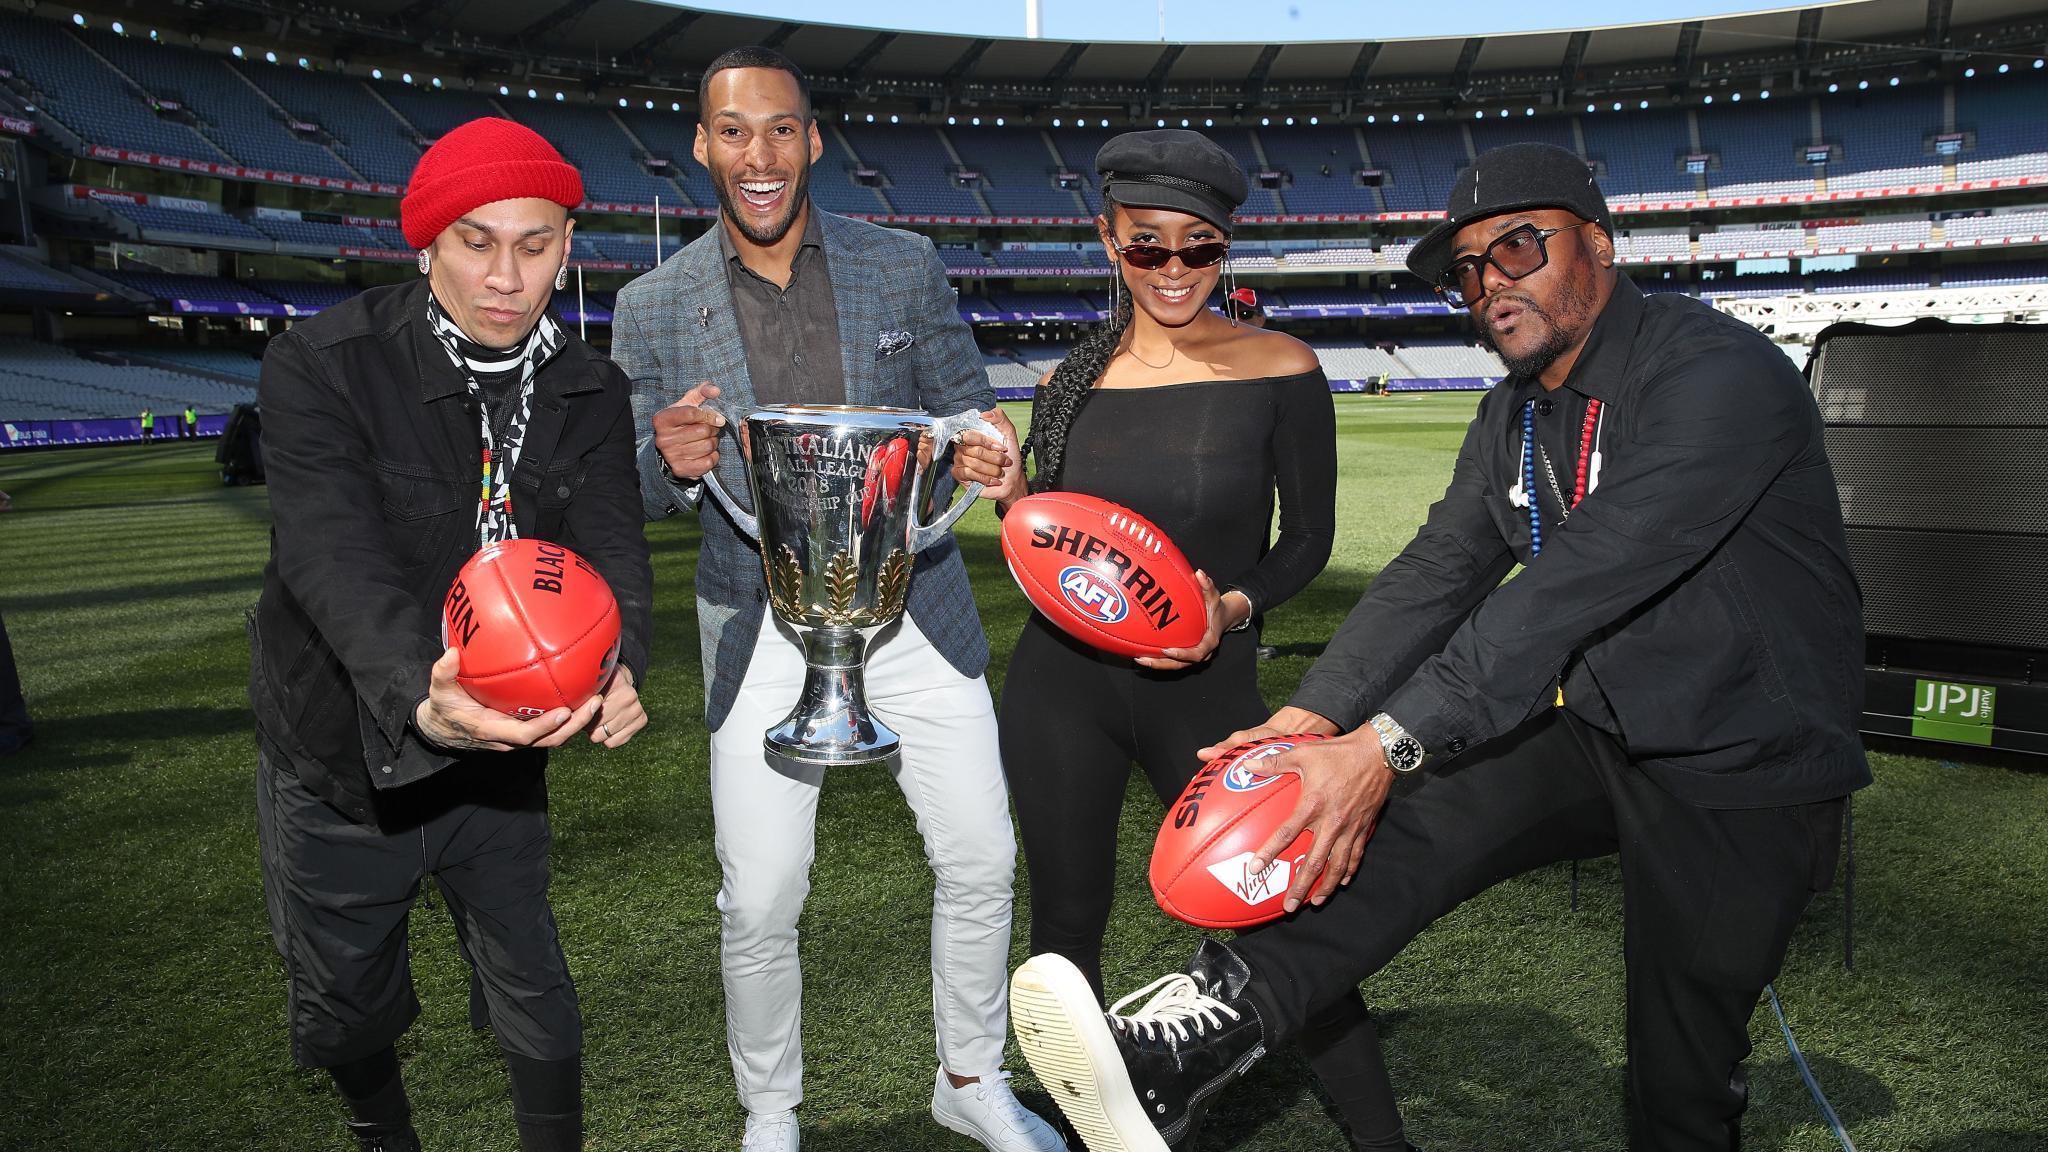 Photo Credit: AFL.com.au